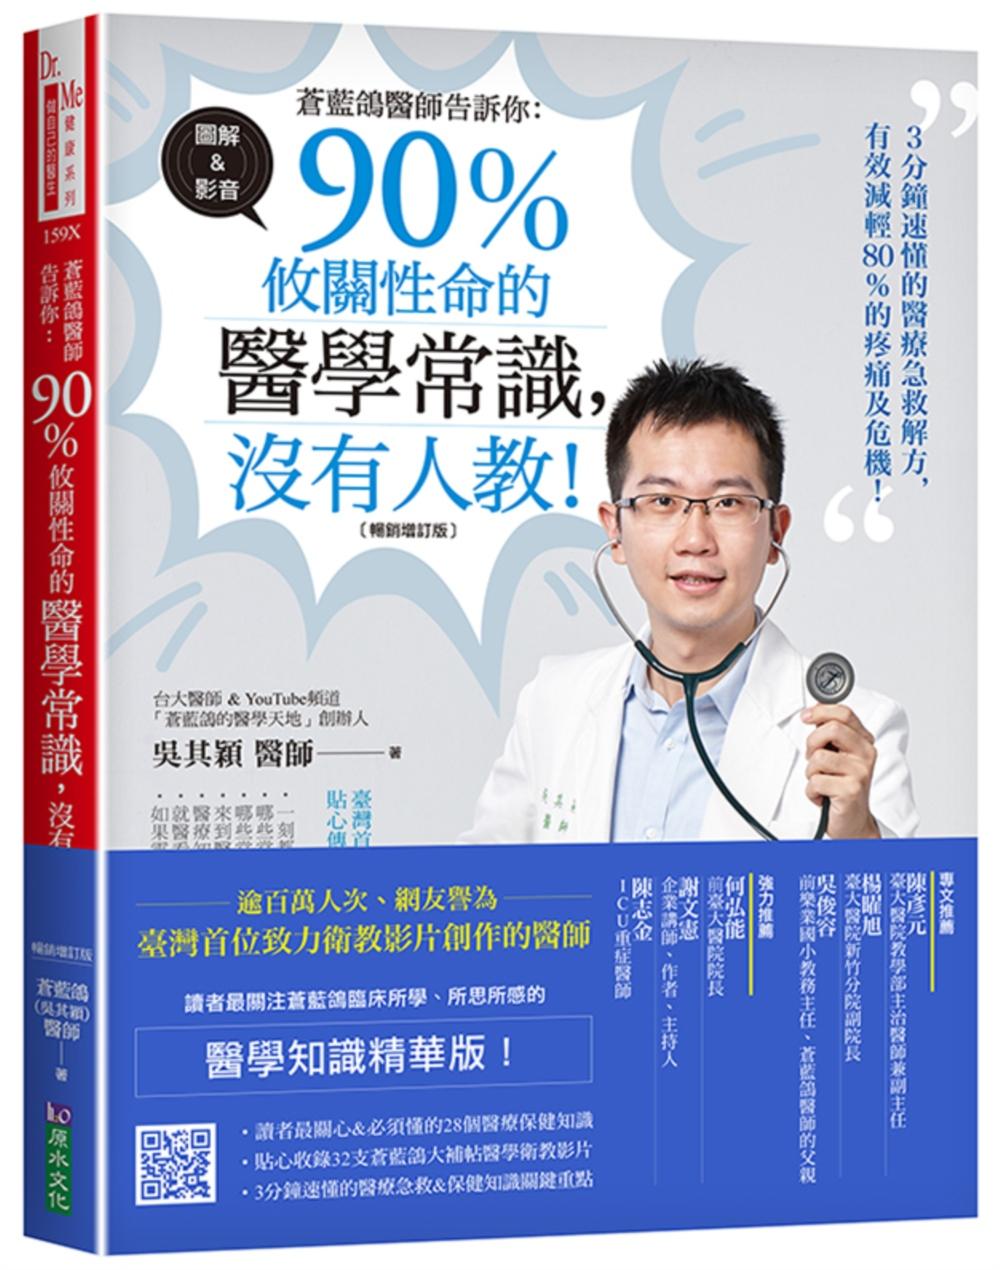 蒼藍鴿醫師告訴你:90%攸關性命的醫學常識,沒有人教!【暢銷增訂版】